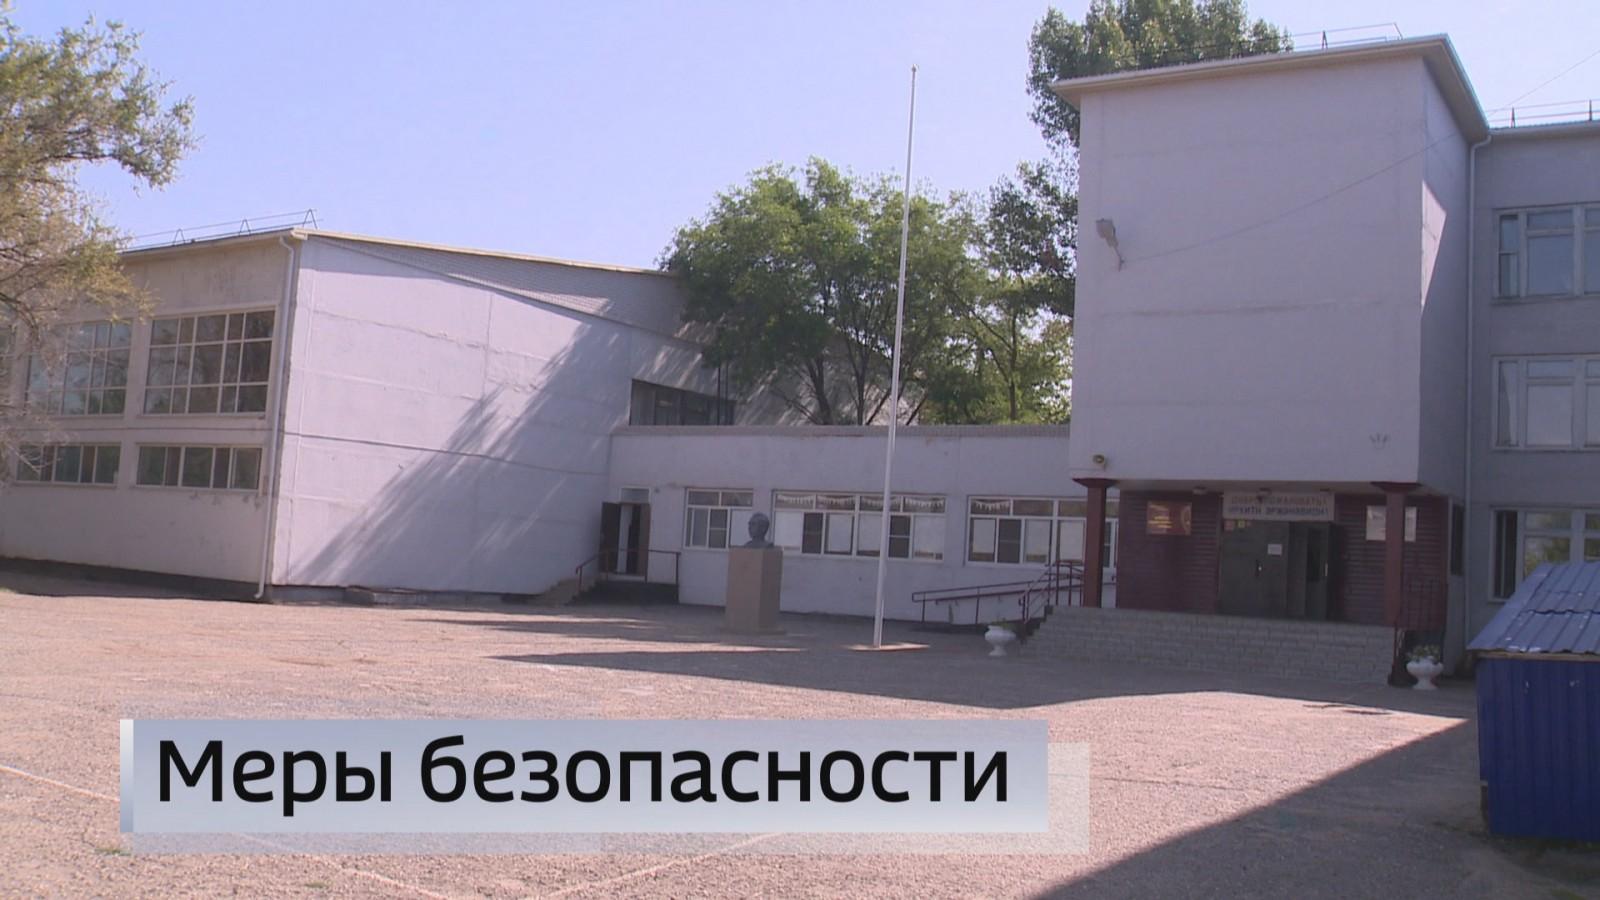 Полицейские и сотрудники  Национальной гвардии проверили избирательные участки Элисты перед выборами